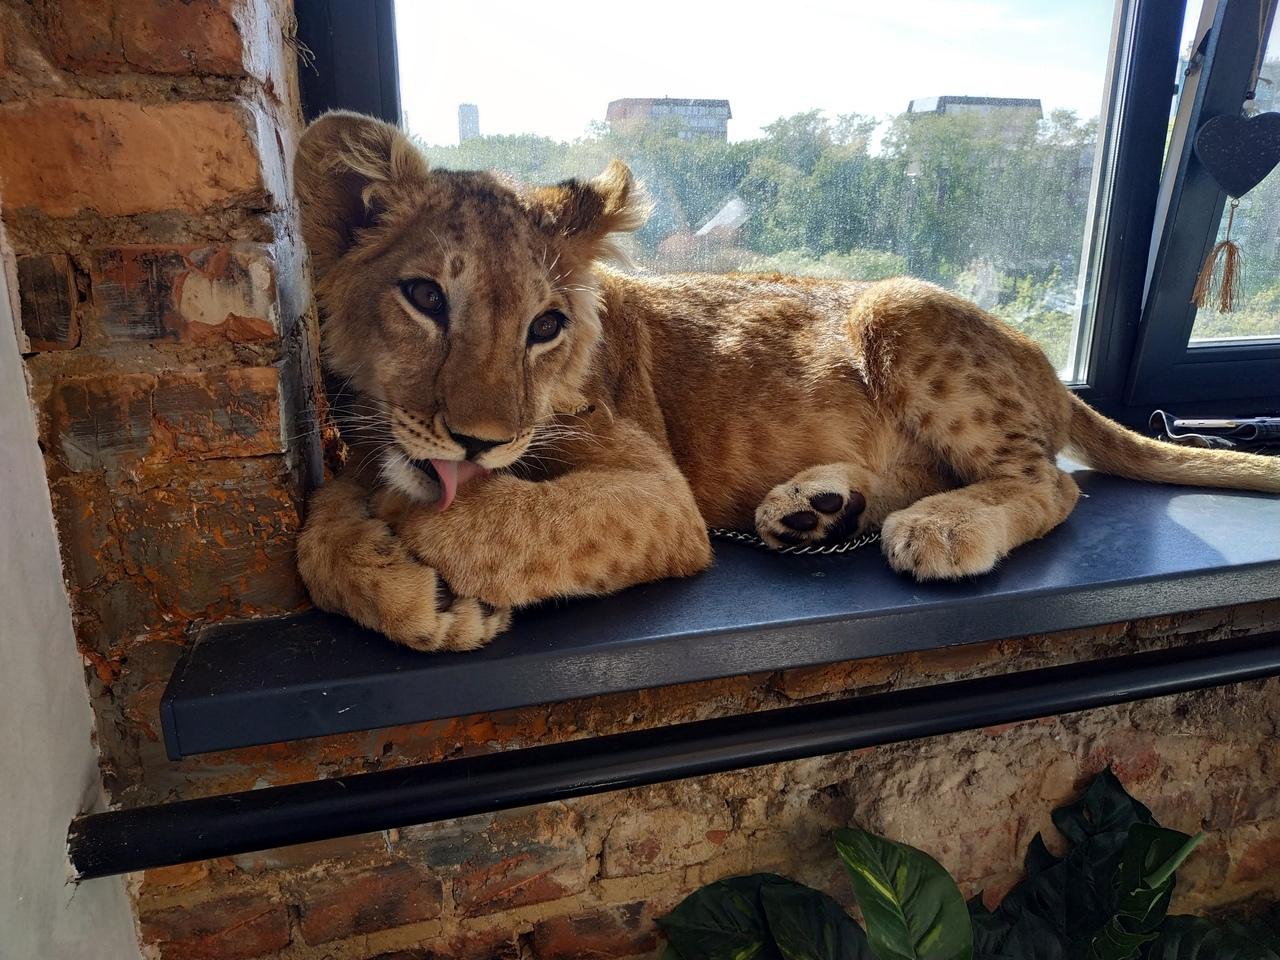 Челябинские зоозащитники пришли на помощь львенку, которого хозяйка, жительница Твери, привезла в